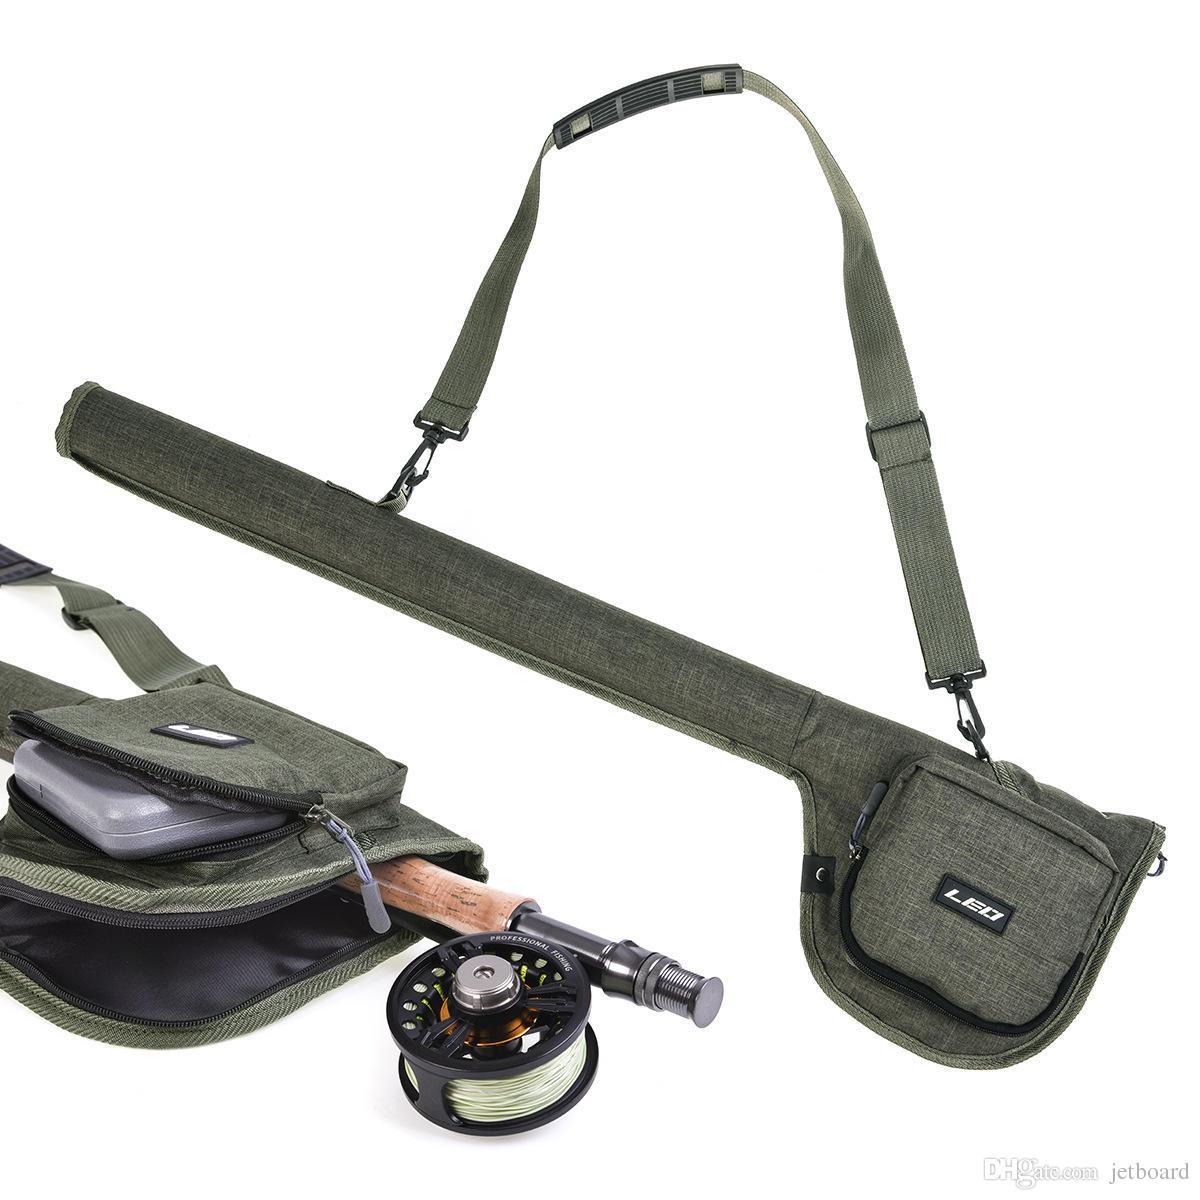 Leo 27991 32 بوصة المحمولة حقيبة الصيد قصبة الصيد حقيبة أدوات الصيد القطب حقيبة التخزين الناقل حقيبة